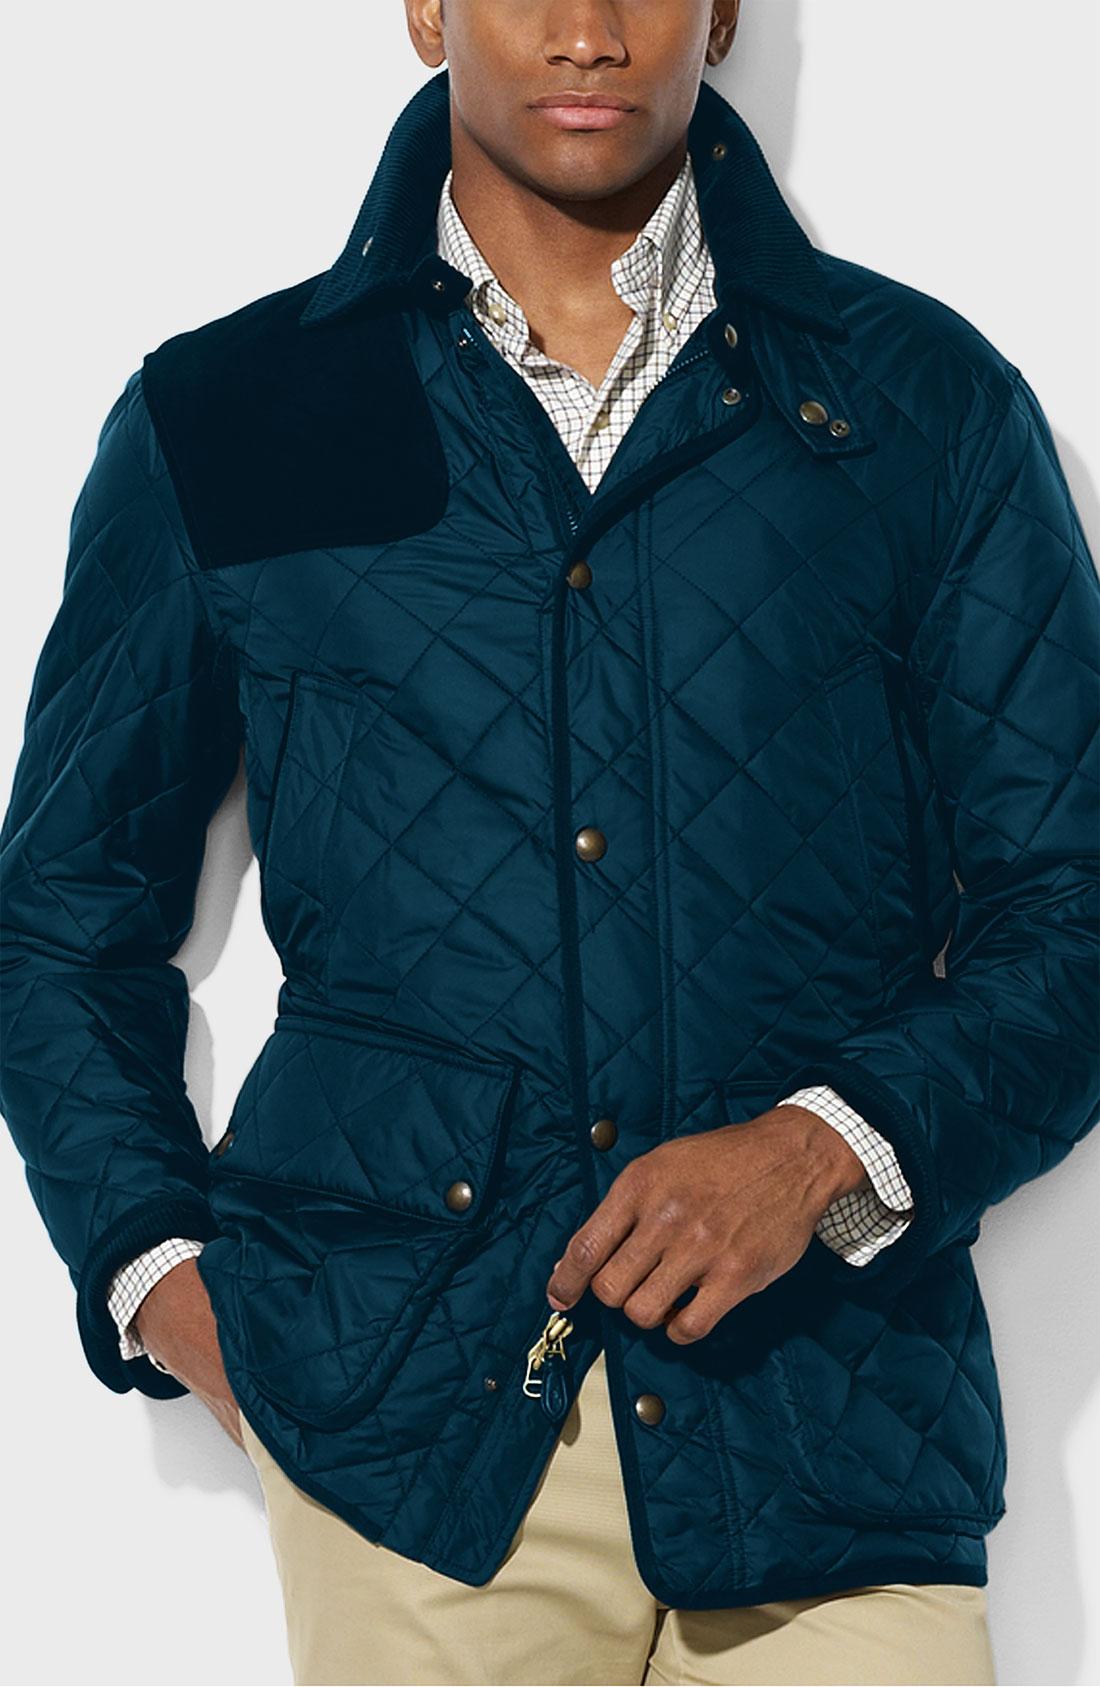 Ralph Lauren Aviator Jacket